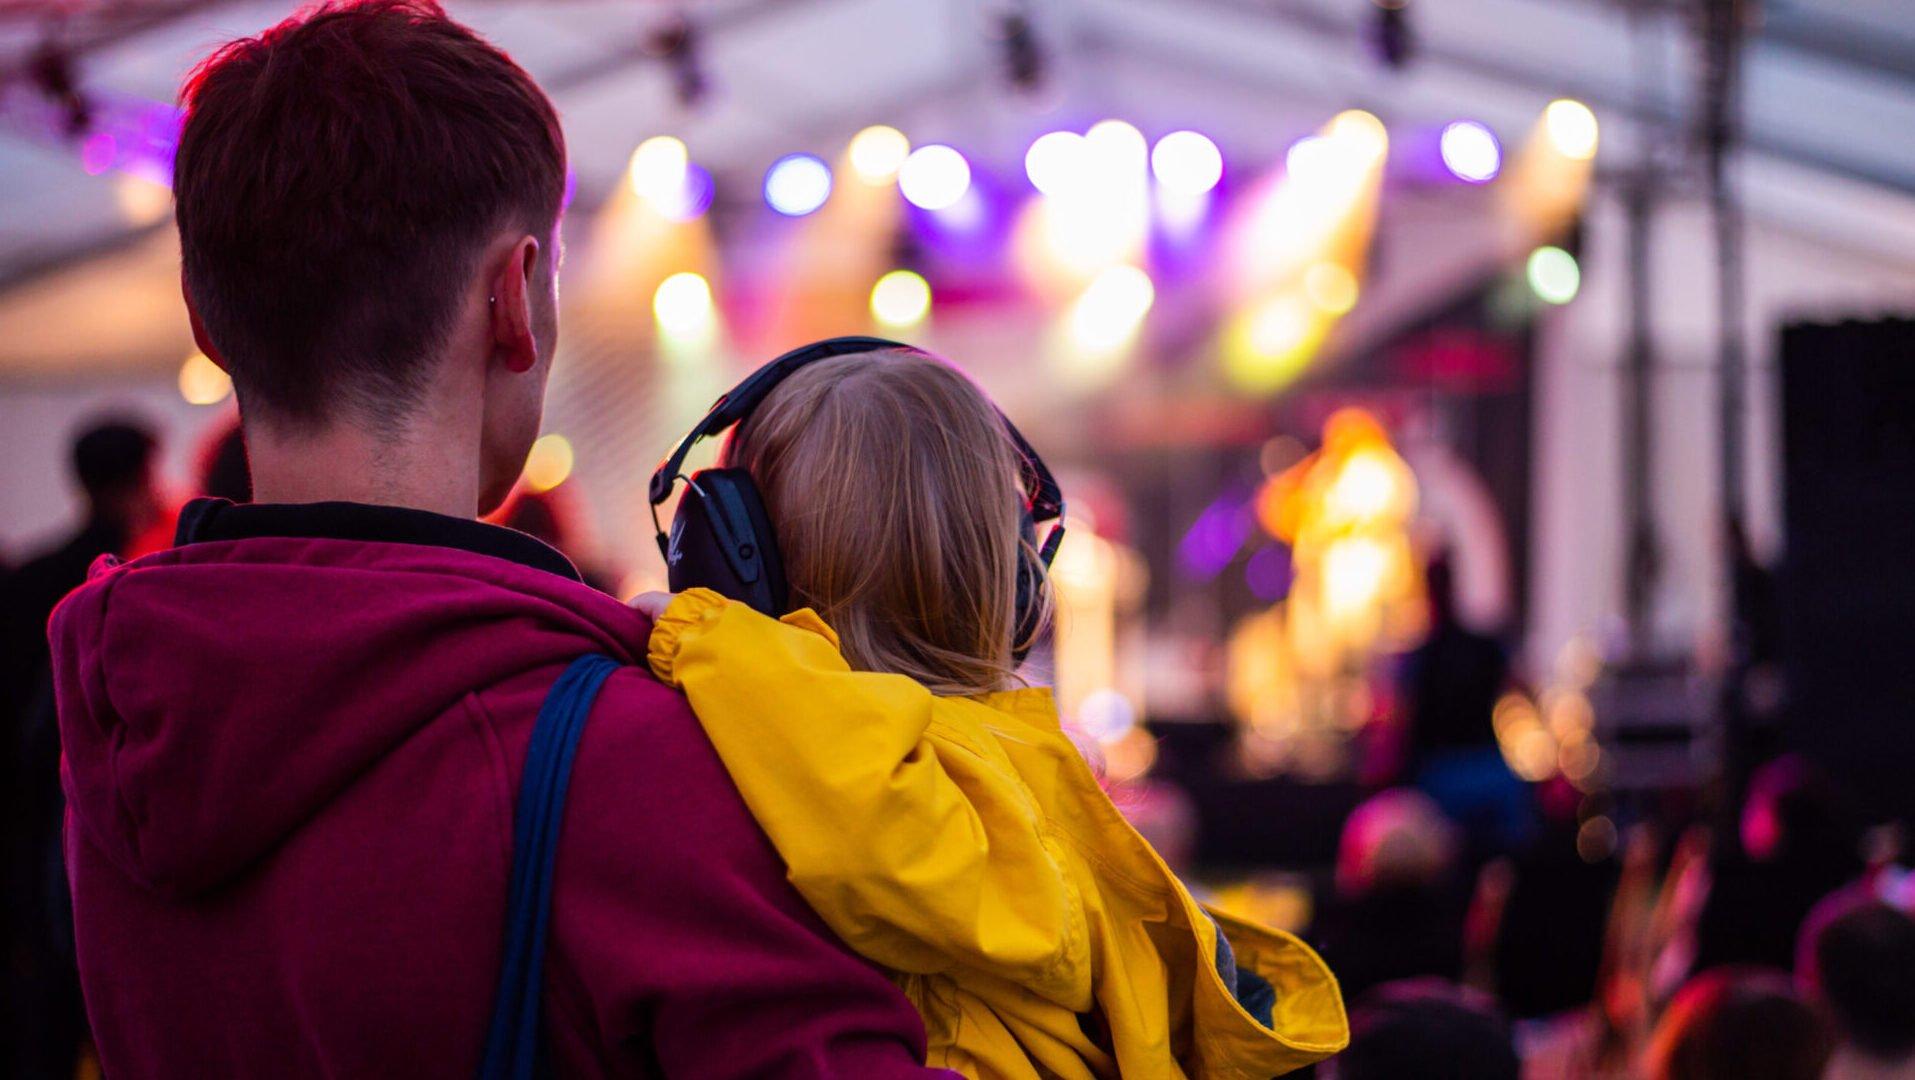 Zdjęcie mężczyzny w czerwonej bluzie oraz dziecka na jego rękach w żółtej kurtce oraz słuchawek ochronnych na głowie. W tle koncert.